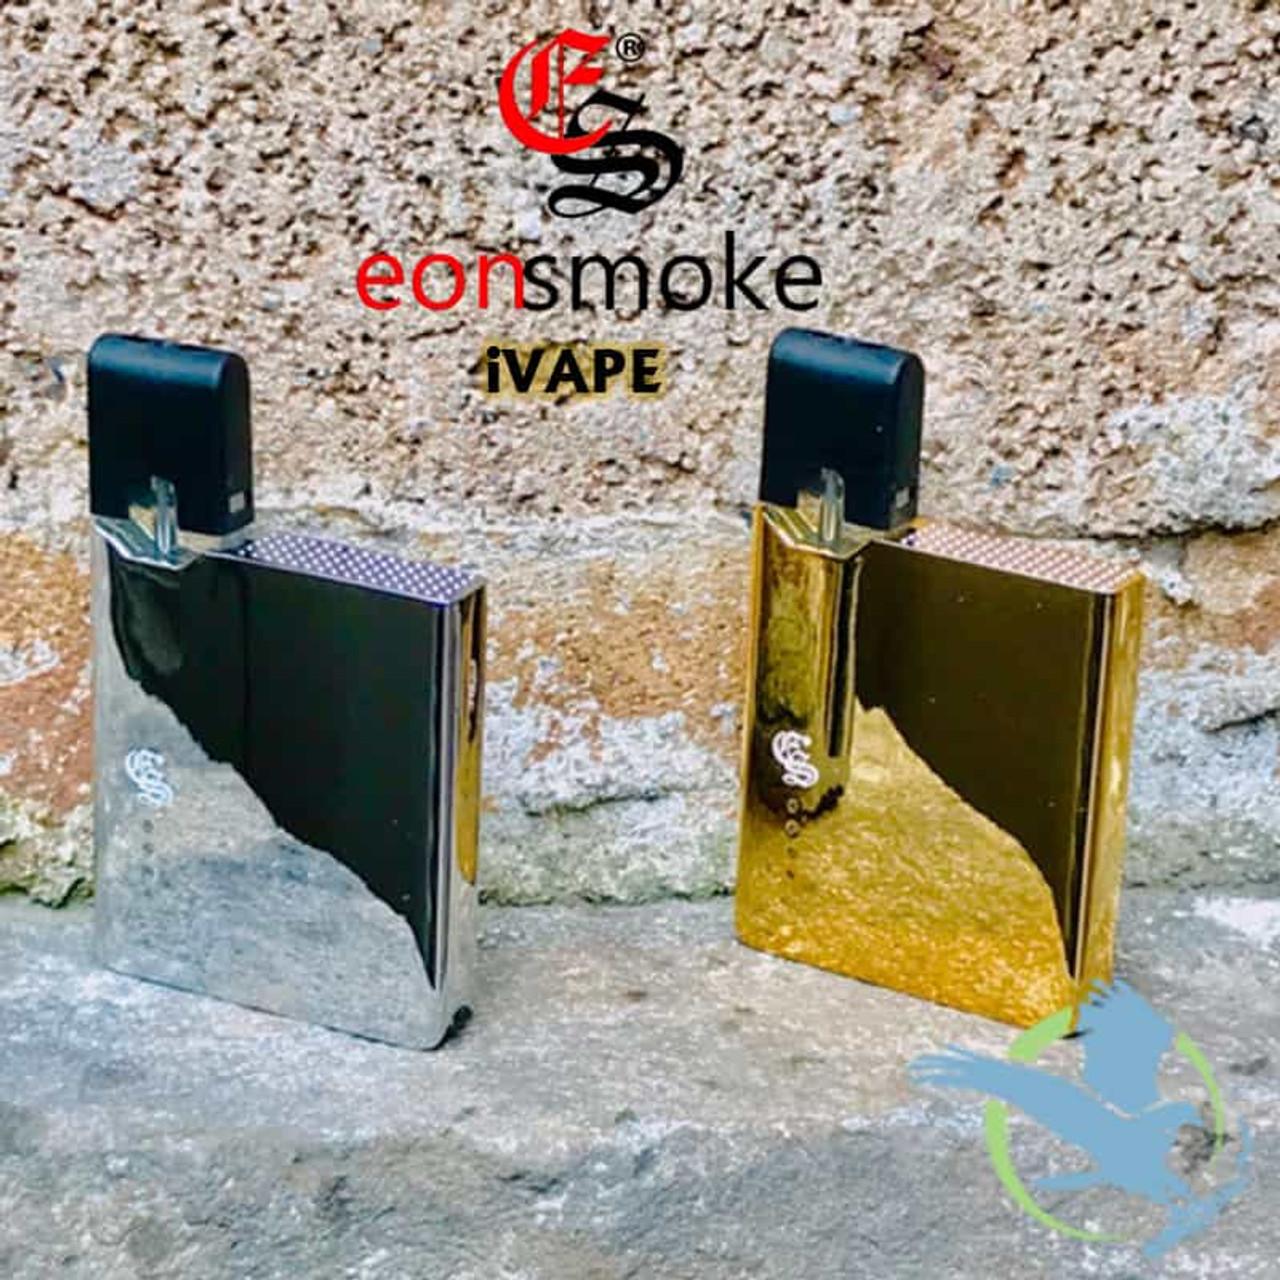 Eonsmoke iVape 400mAh Pod System Starter Kit (MSRP $20 00)